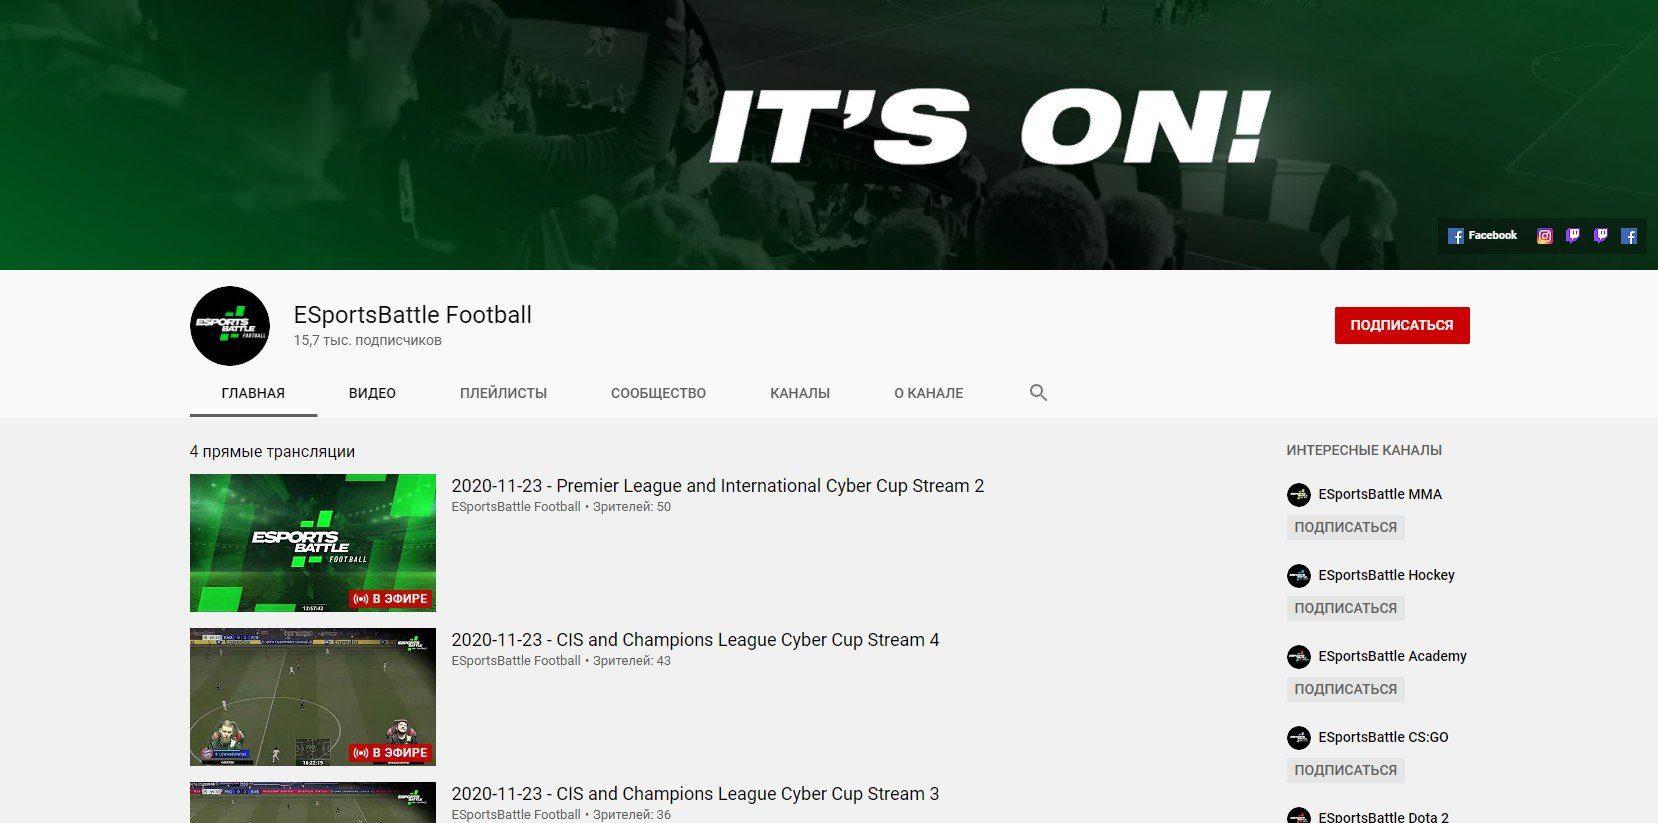 ESportsBattle Football youtube